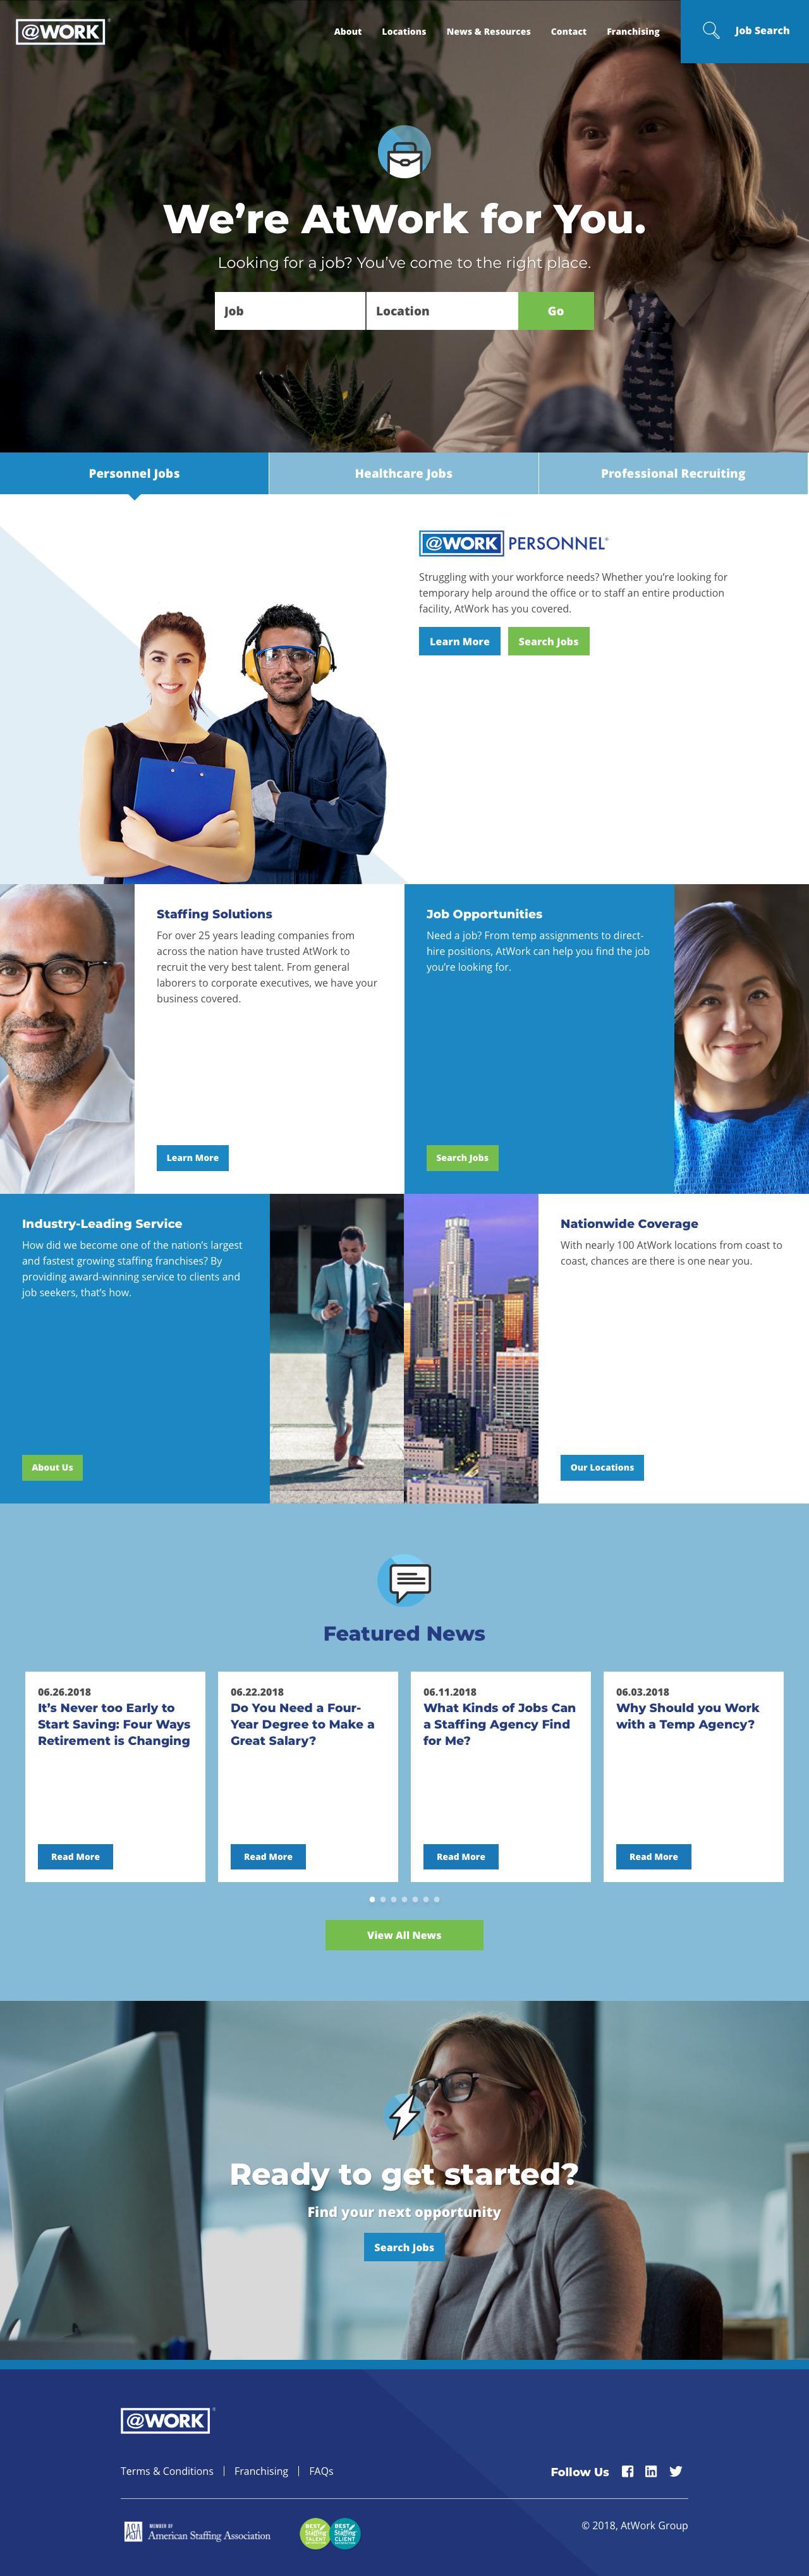 Screenshot of atwork.com - Home | AtWork - captured June 29, 2018